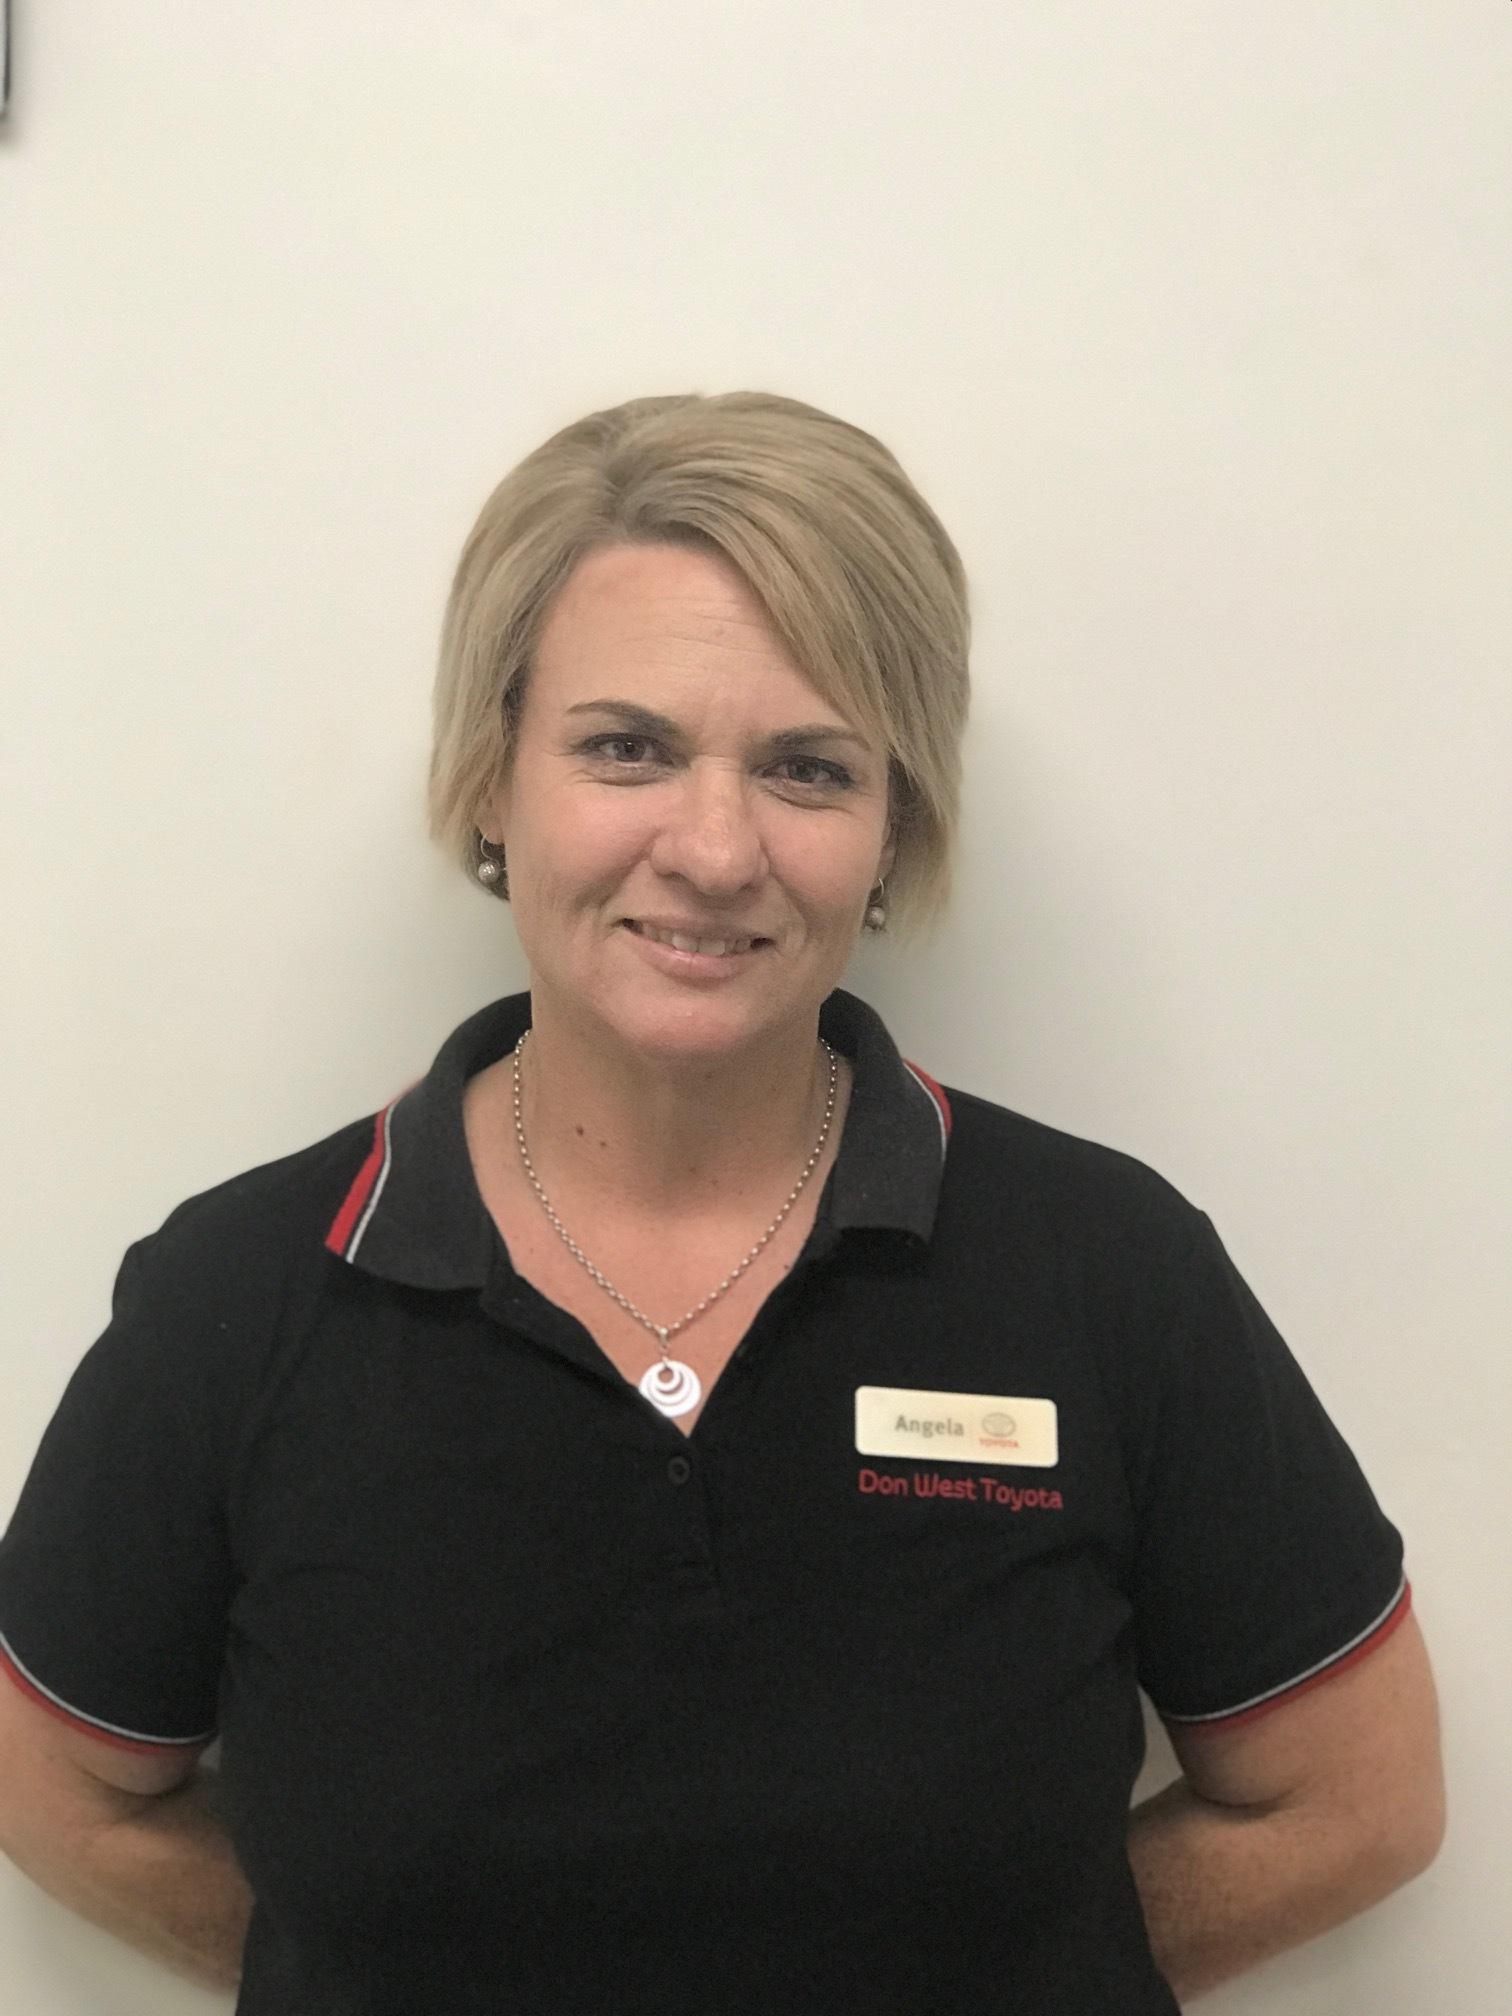 Angela Cabassi - Receptionist